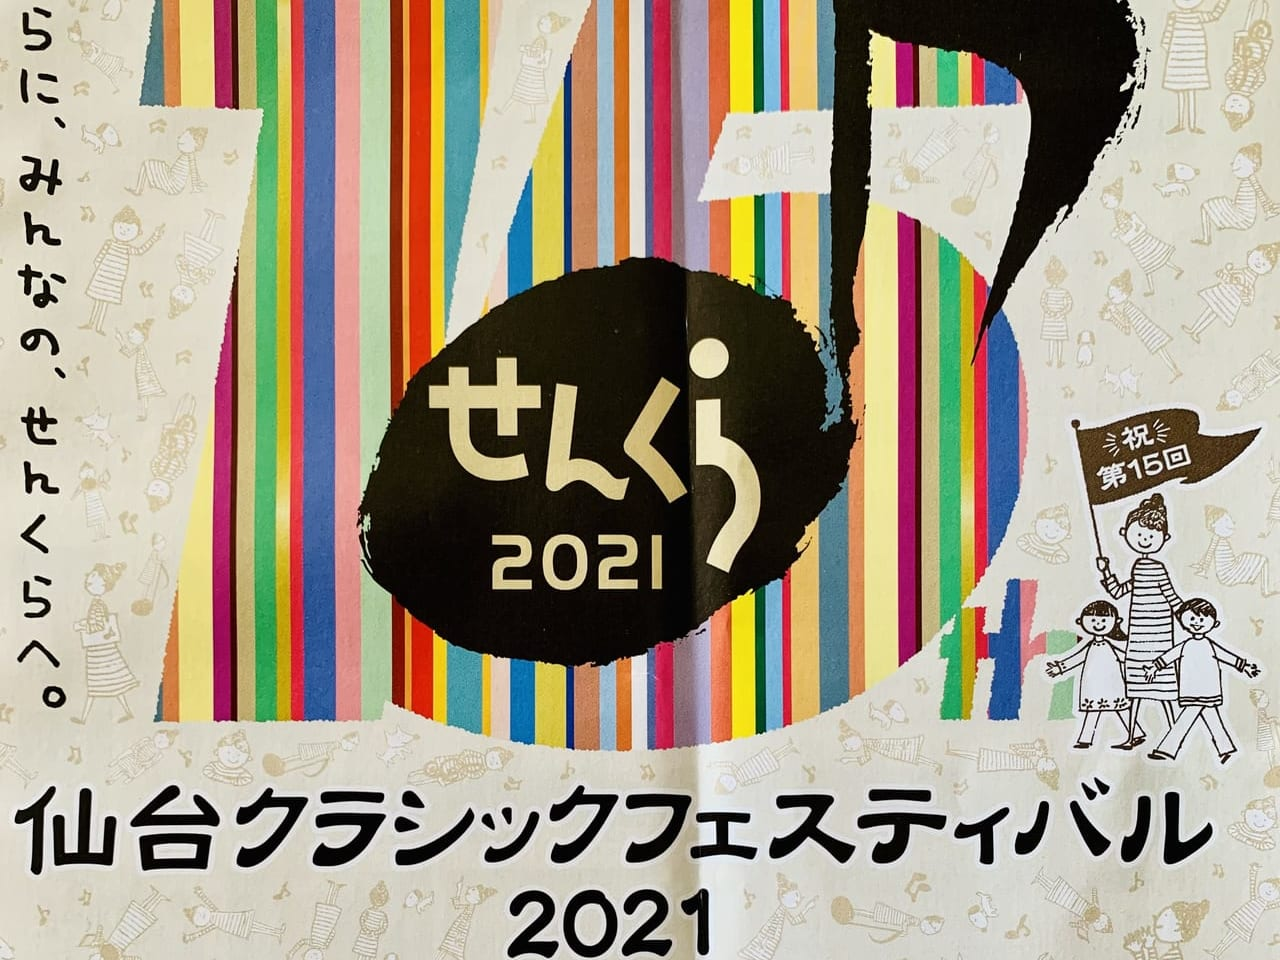 せんくら2021